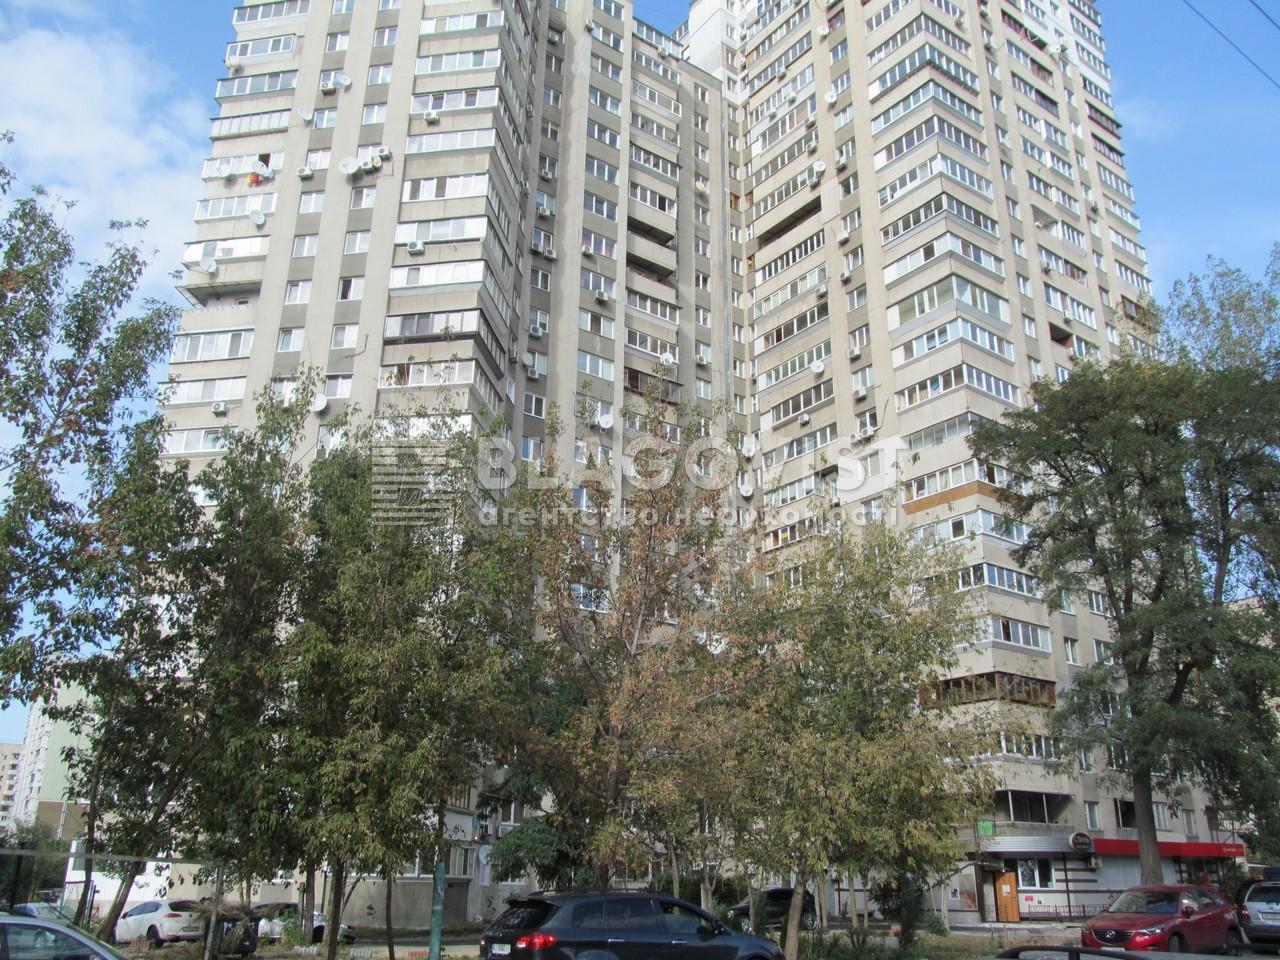 Квартира F-34342, Святошинская пл., 1, Киев - Фото 2